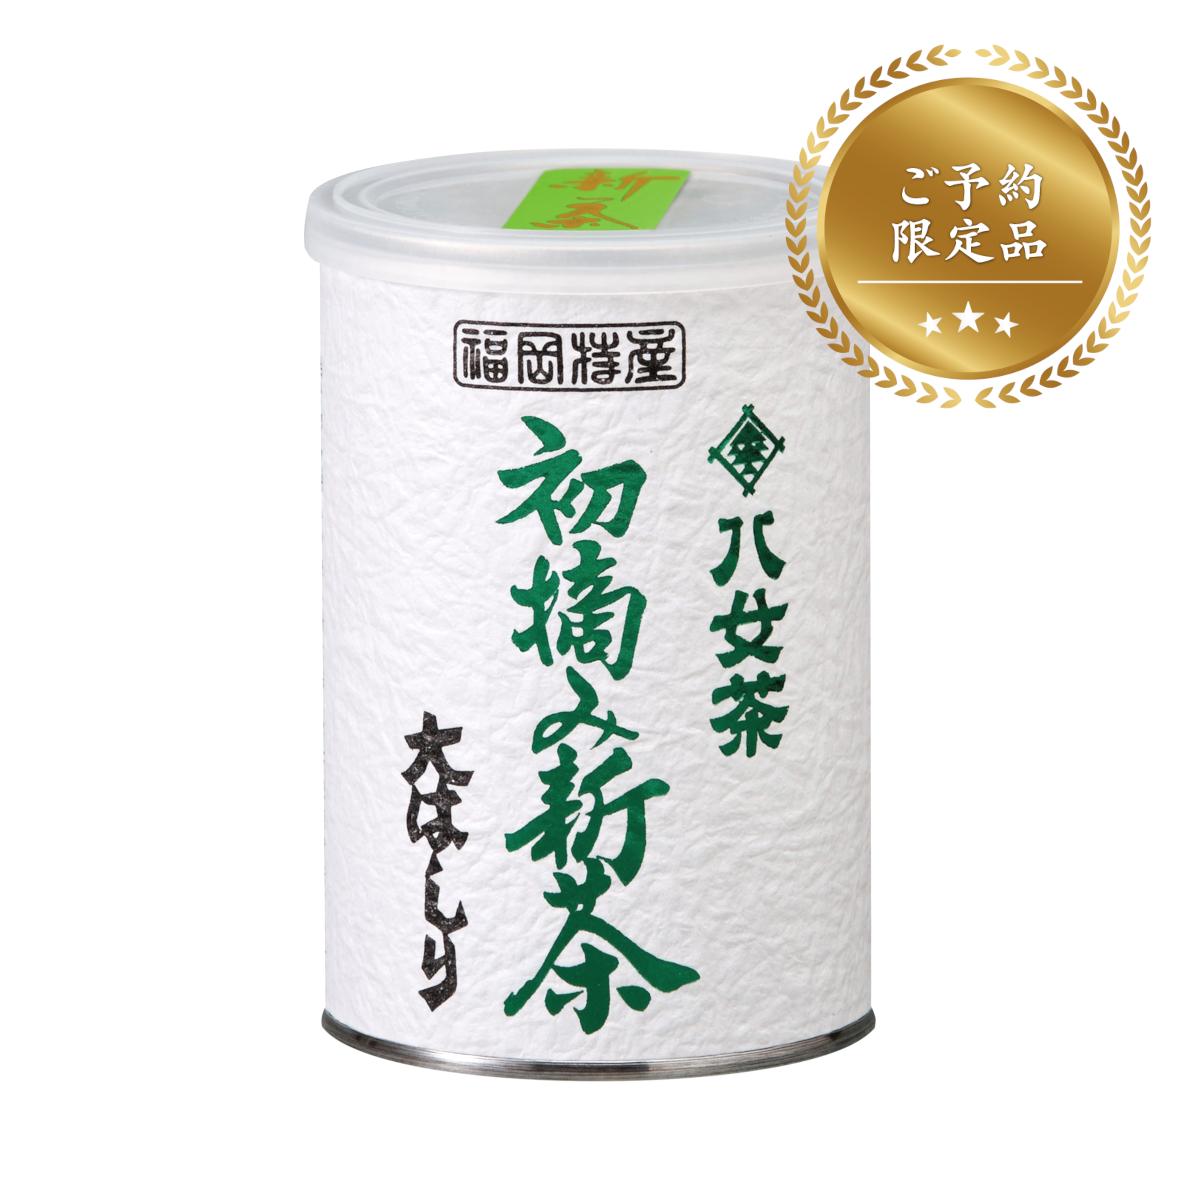 ≪予約限定生産≫【16】初摘み新茶大はしり